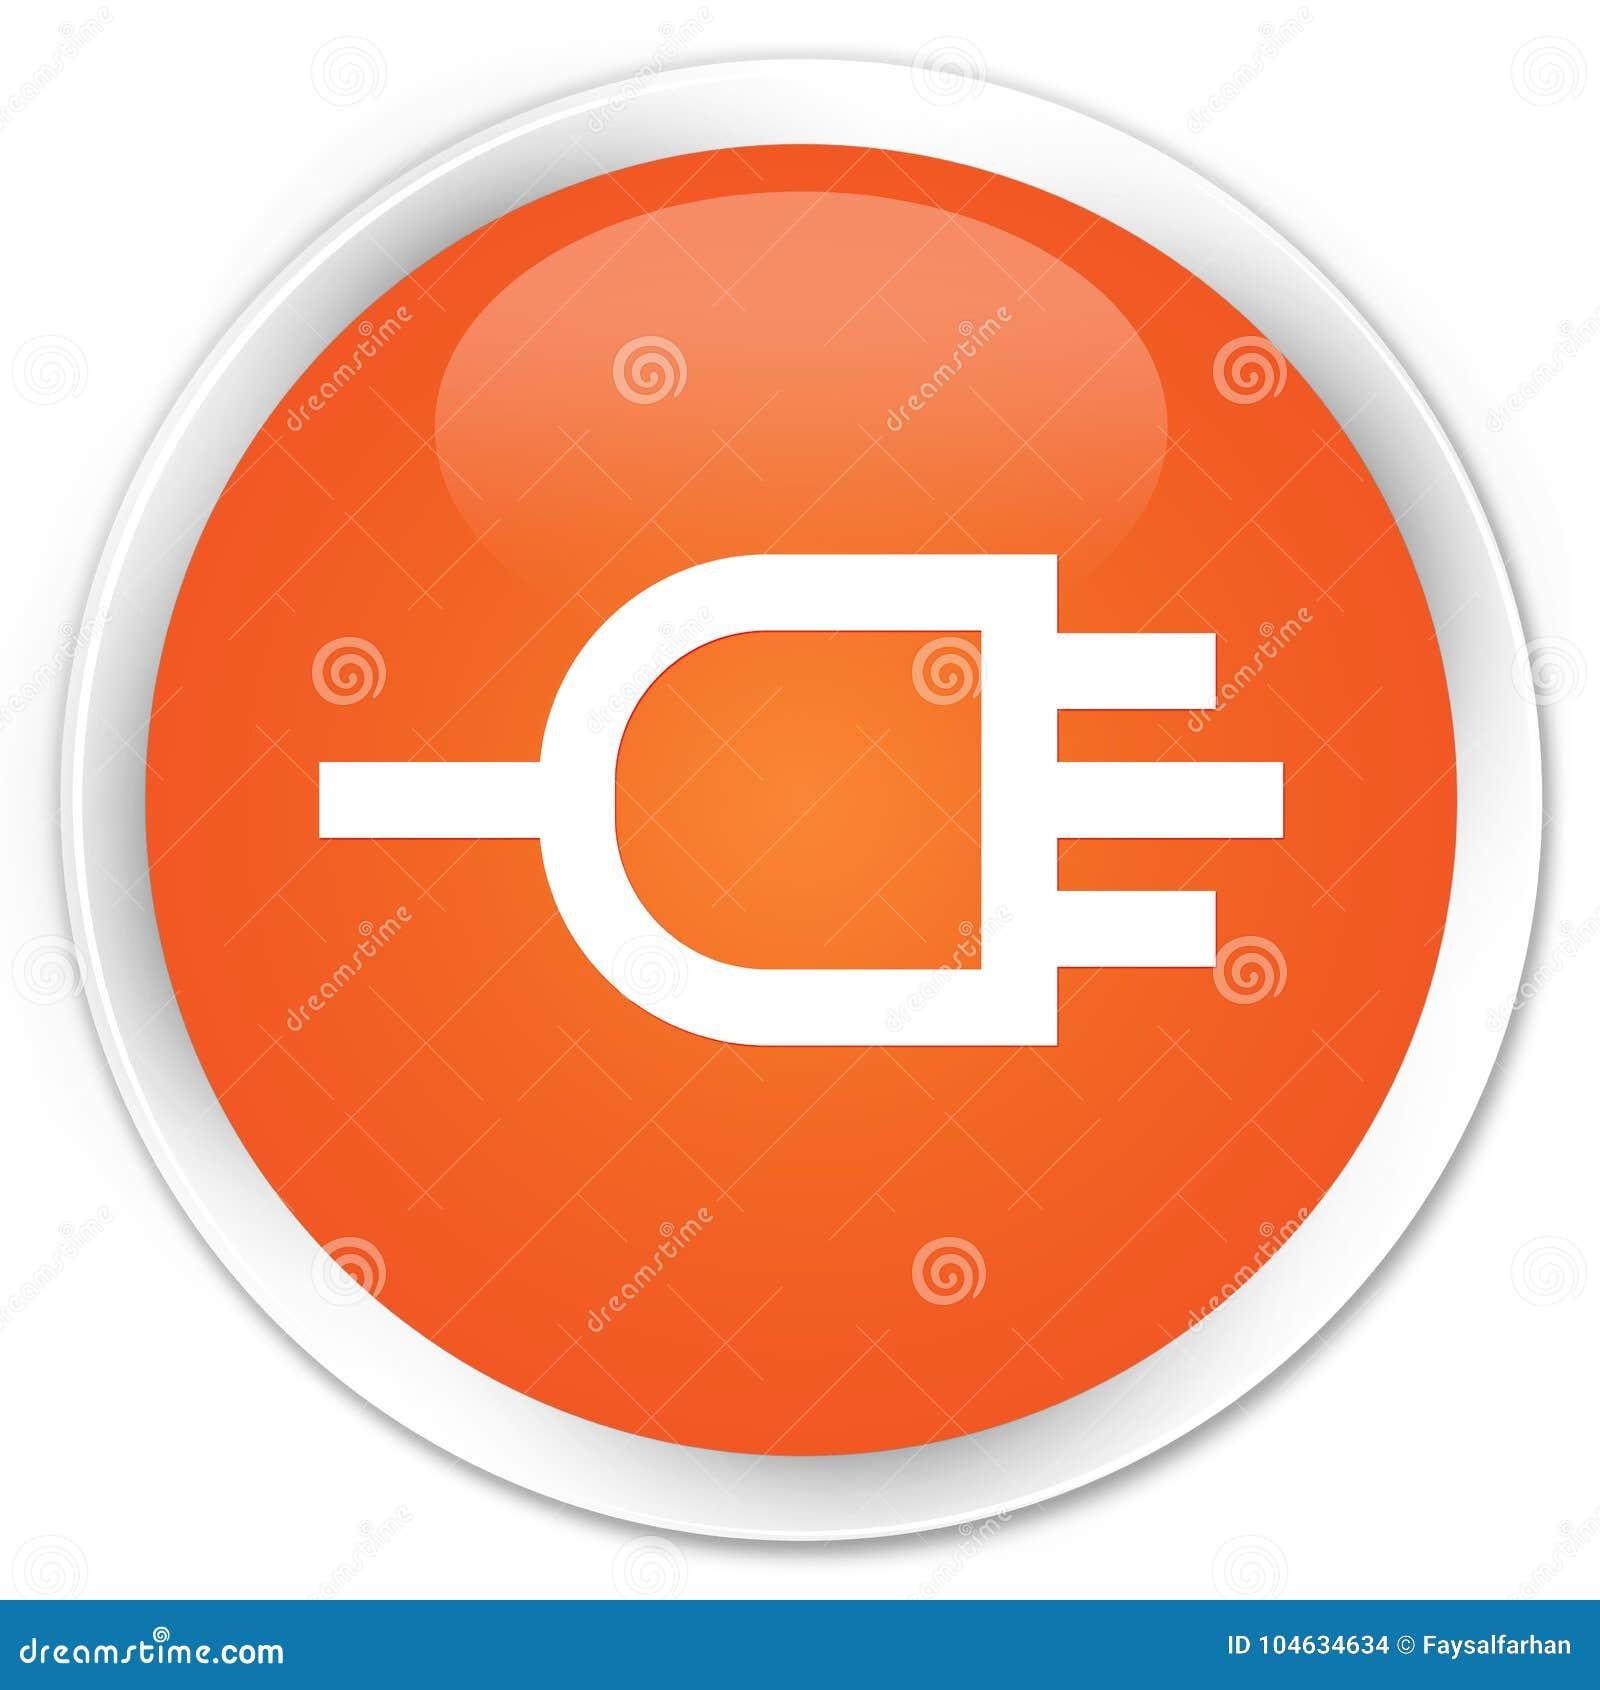 Download Verbind De Oranje Ronde Knoop Van De Pictogrampremie Stock Illustratie - Illustratie bestaande uit premie, adapter: 104634634